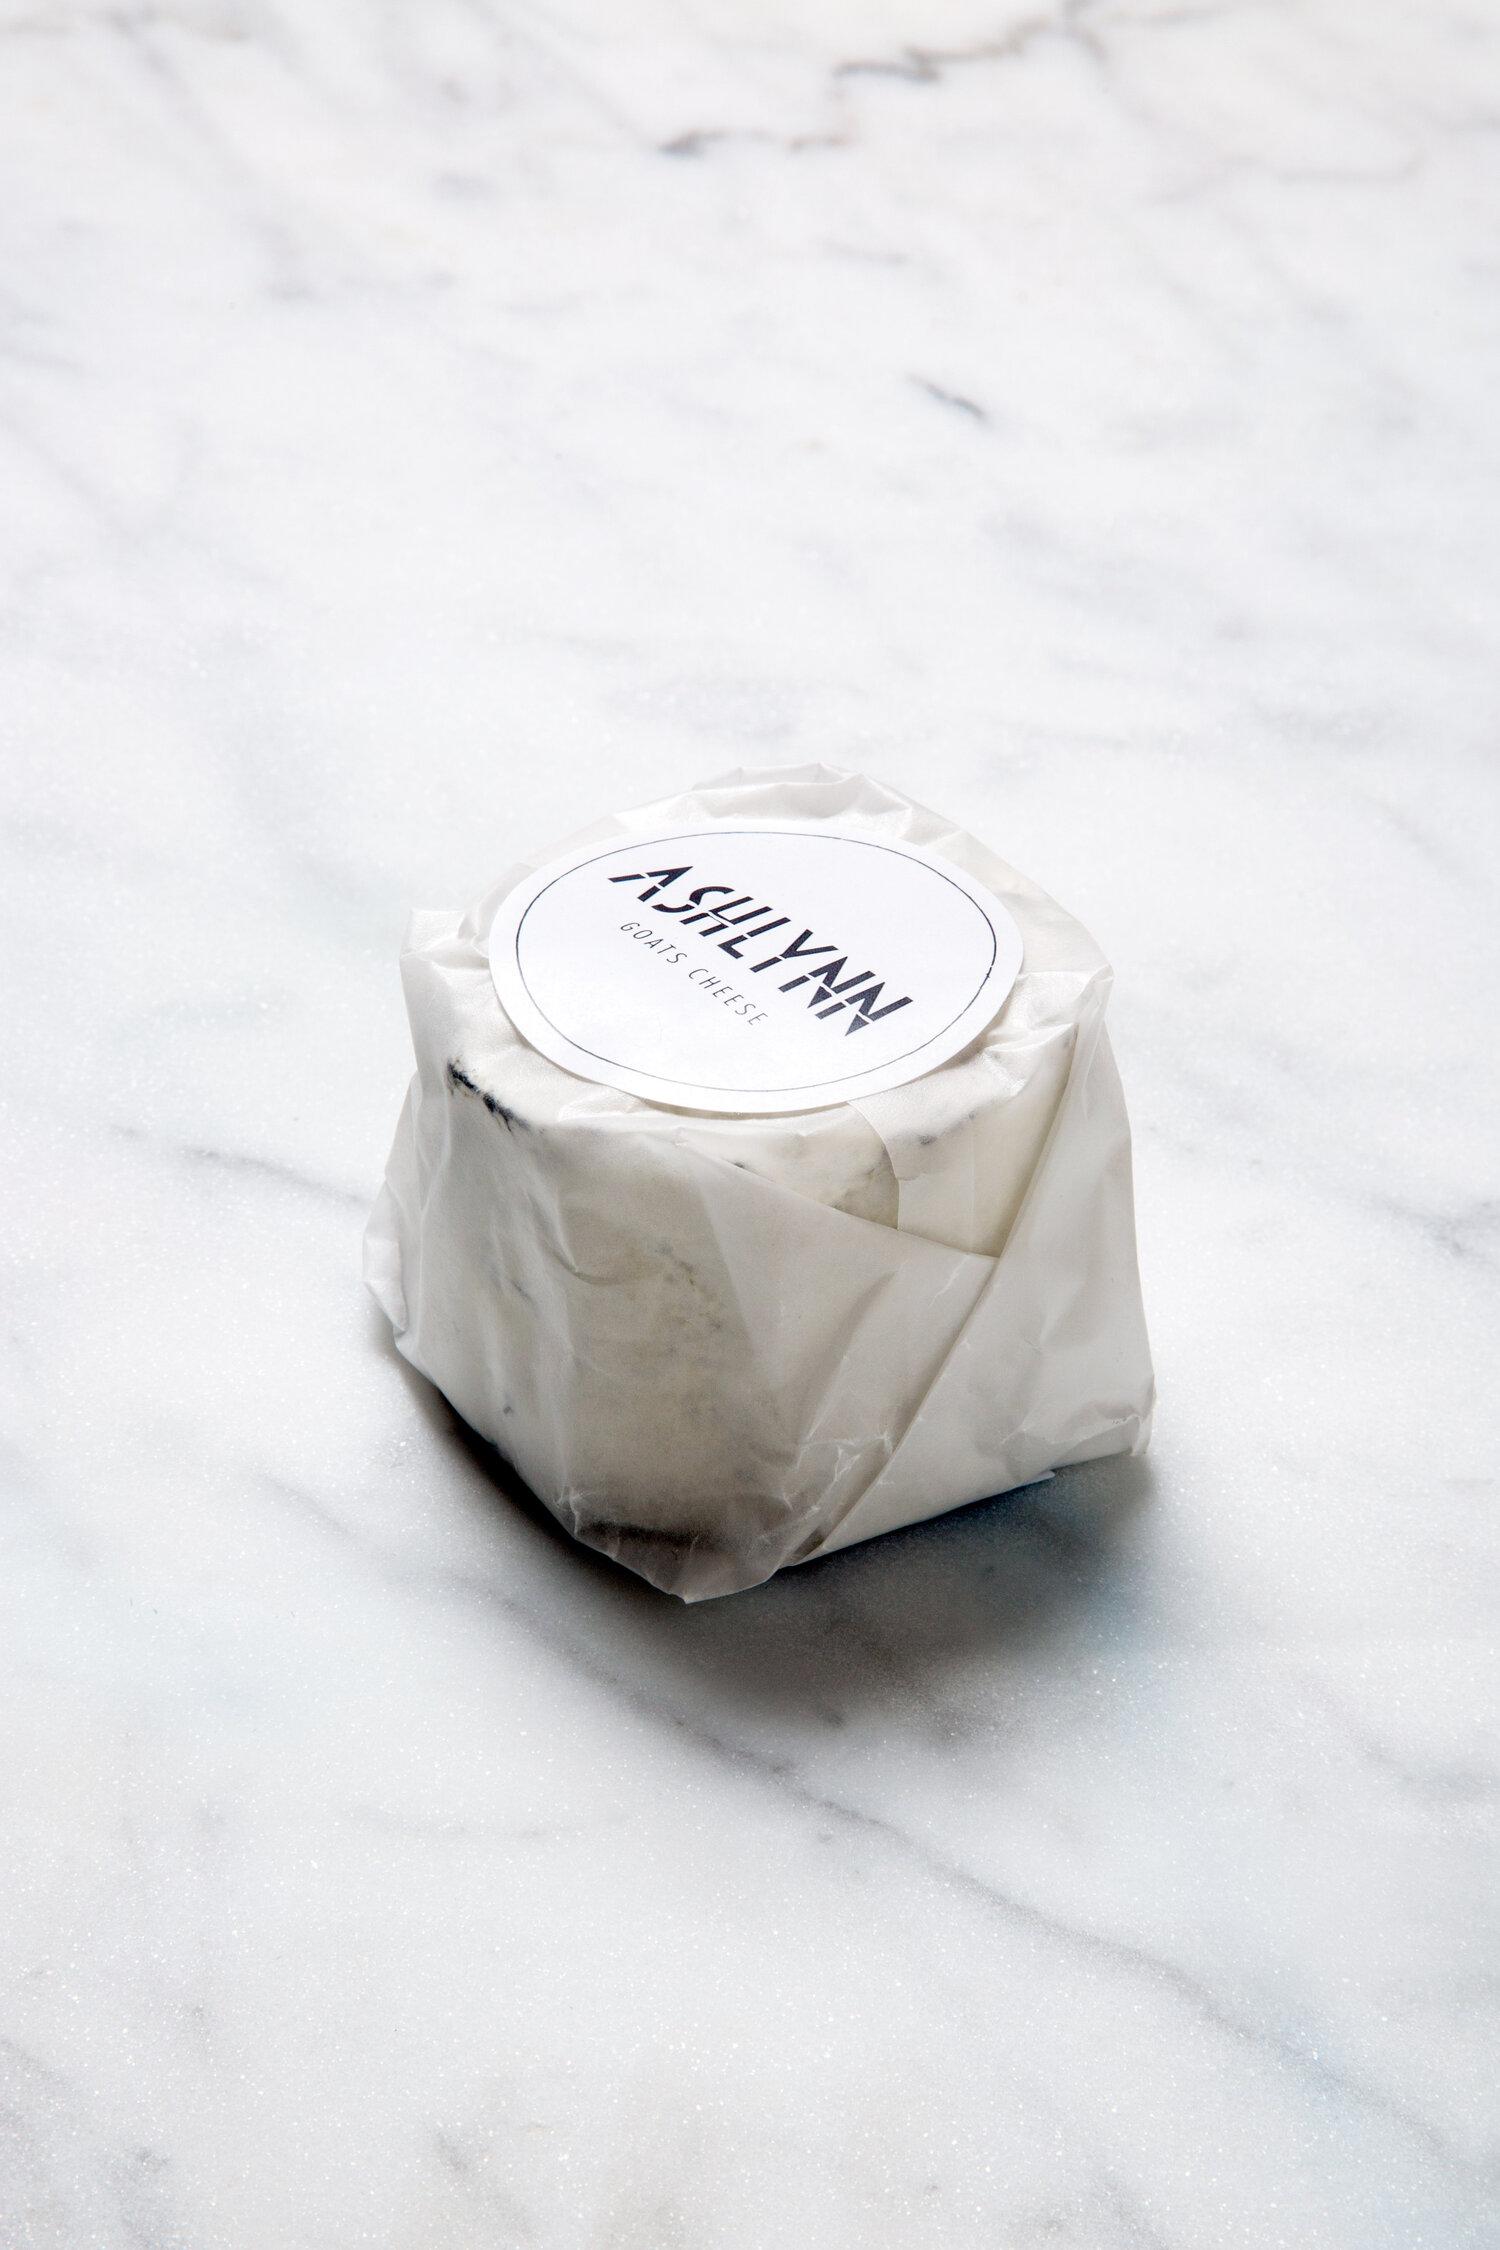 Ashlynn - A Soft Creamy Goat's Cheese, Coated in Ash 200g